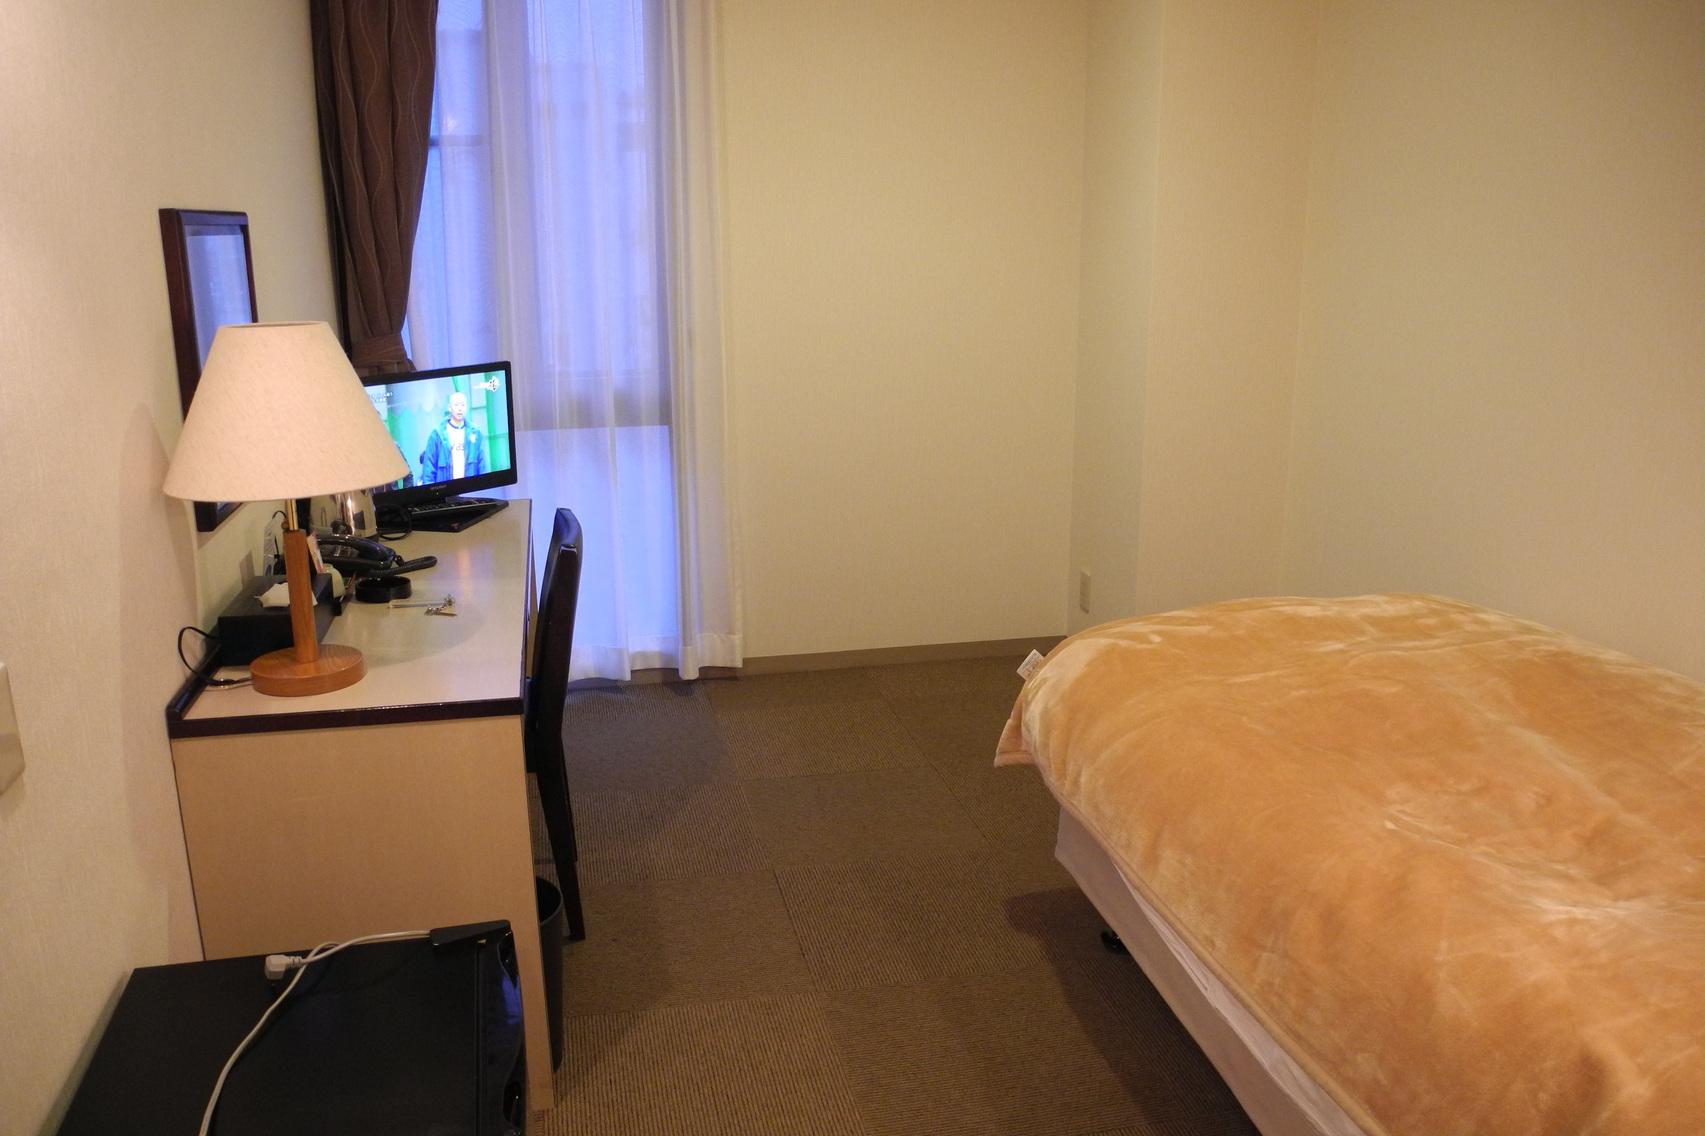 聖地の宿ビジネスホテルみのぶイン